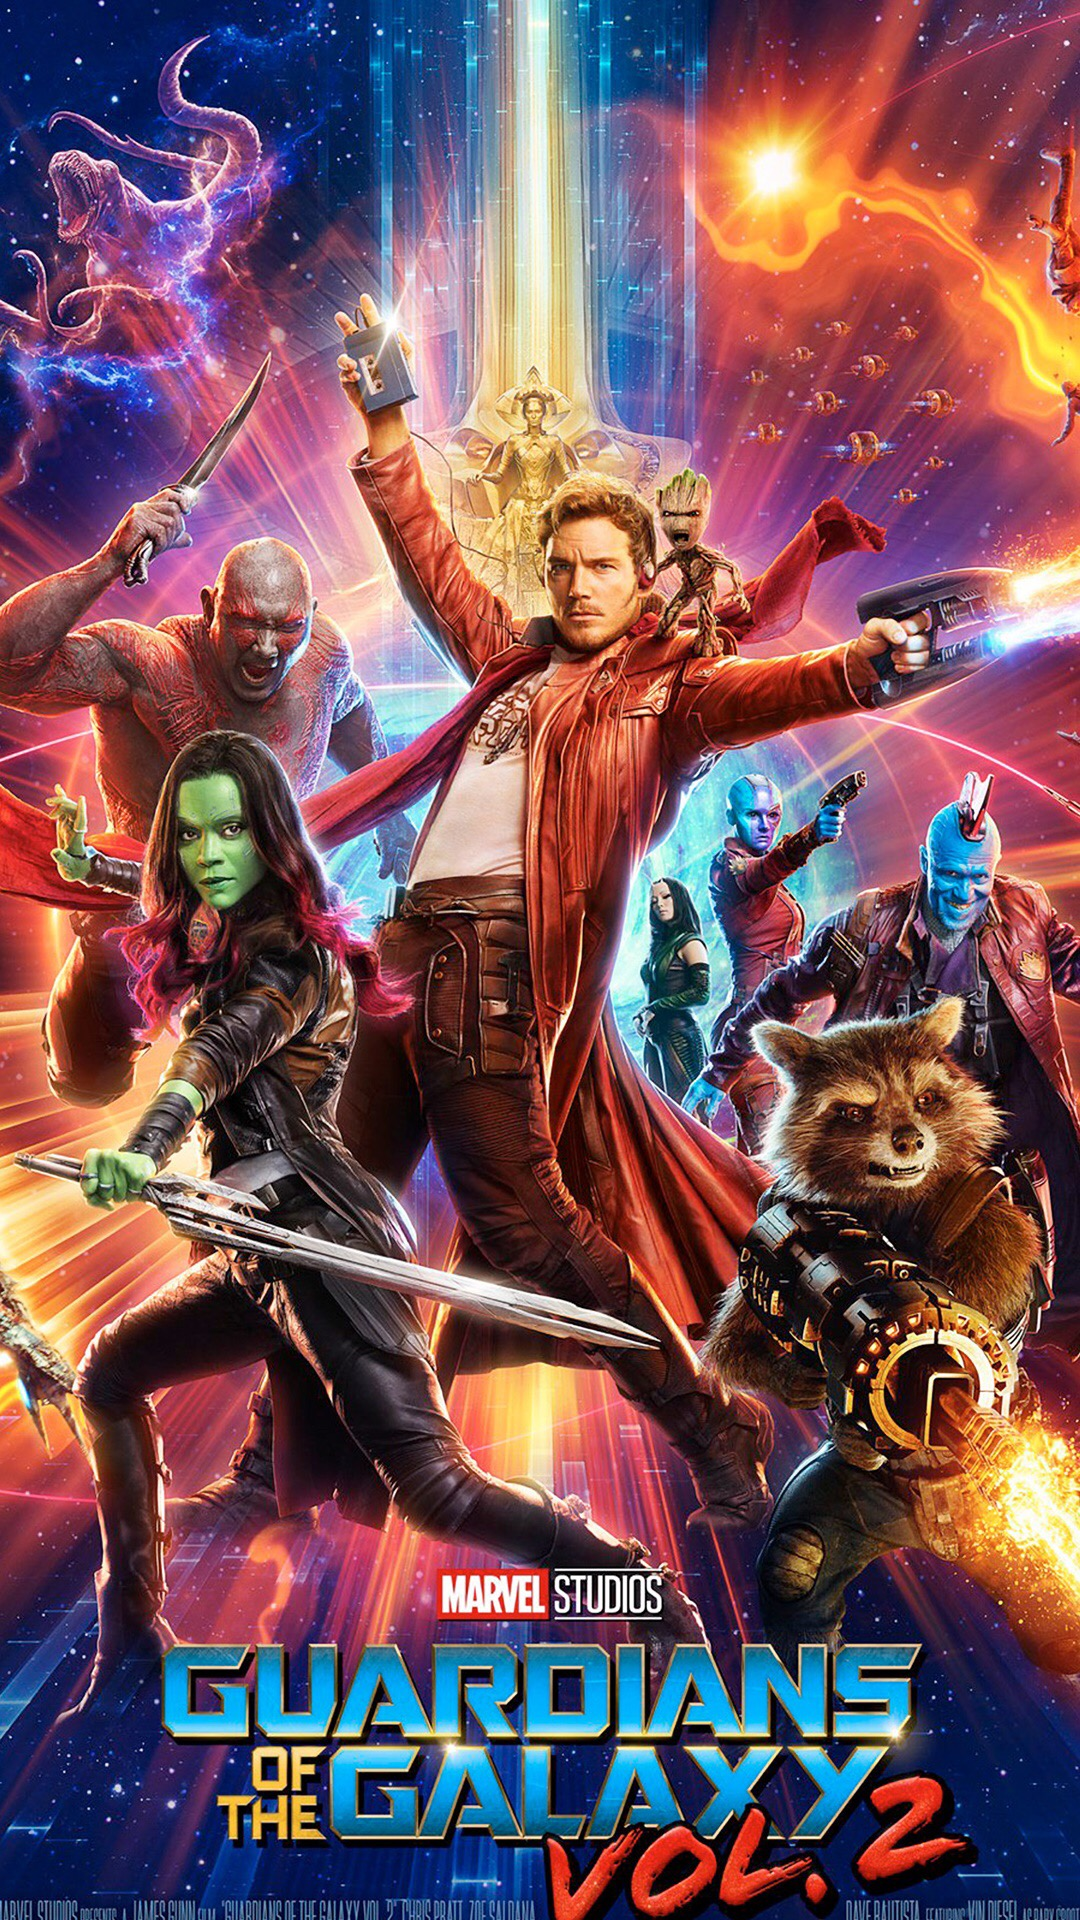 银河护卫队 电影 科幻 星爵 彼得·奎尔 火箭浣熊 卡魔拉 德拉克斯